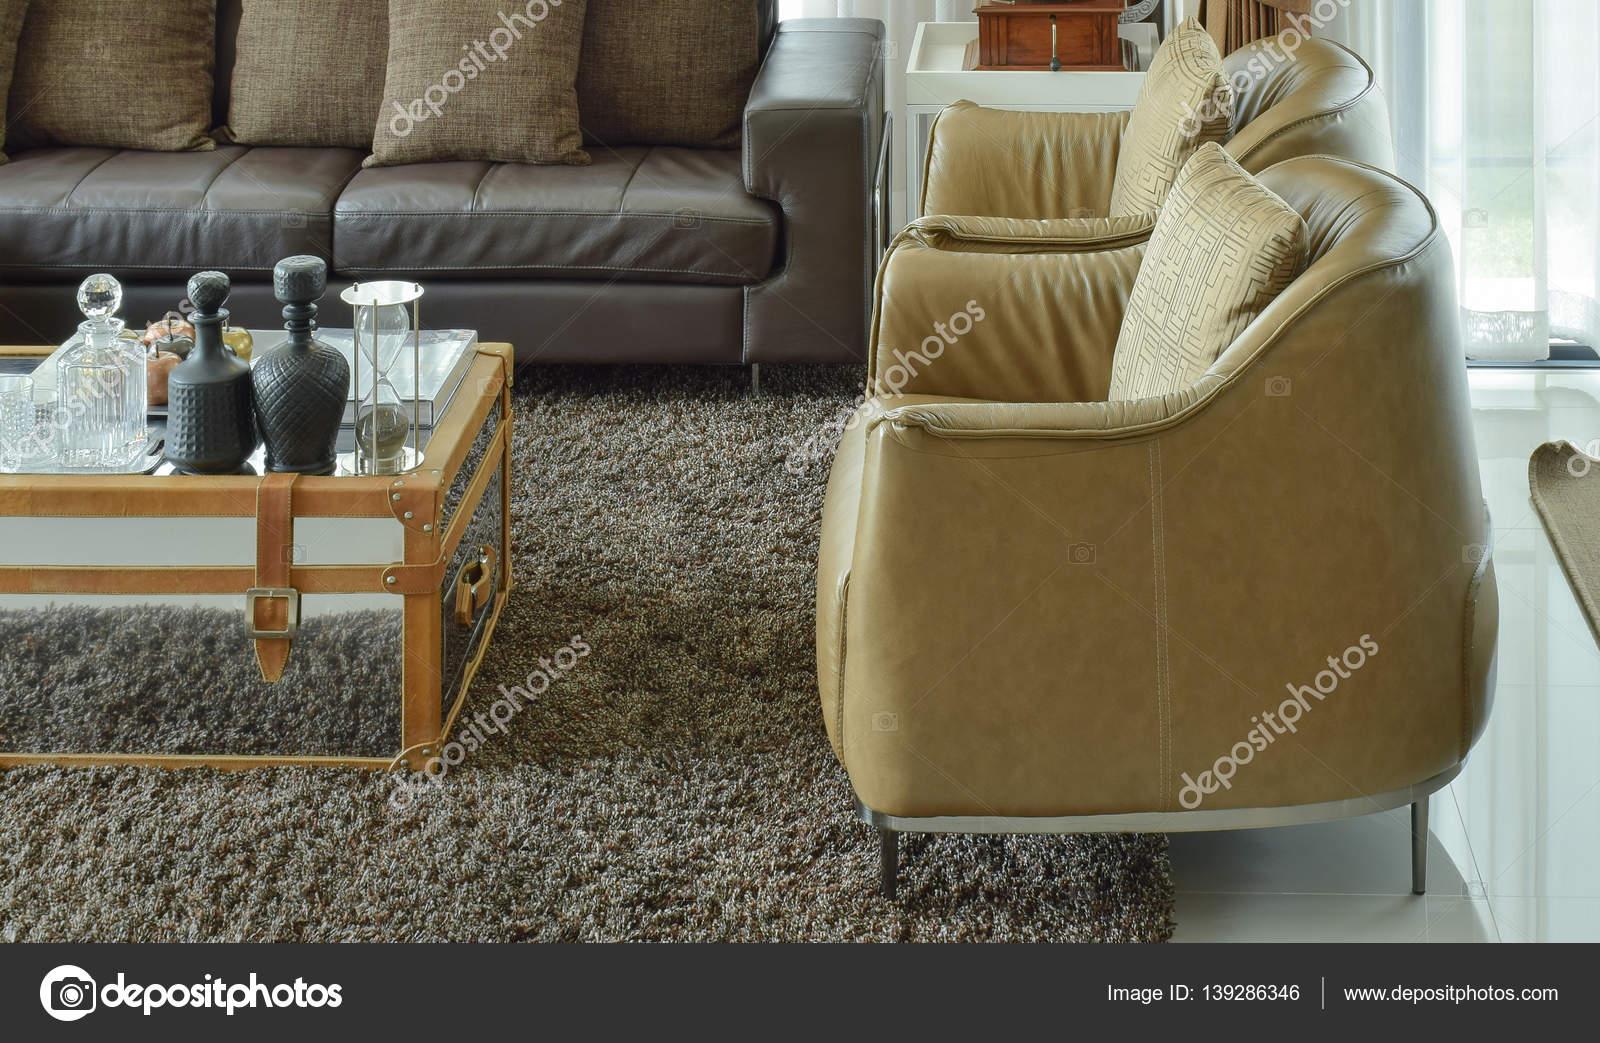 Divano in pelle marrone scuro nel soggiorno con zona tappeto e